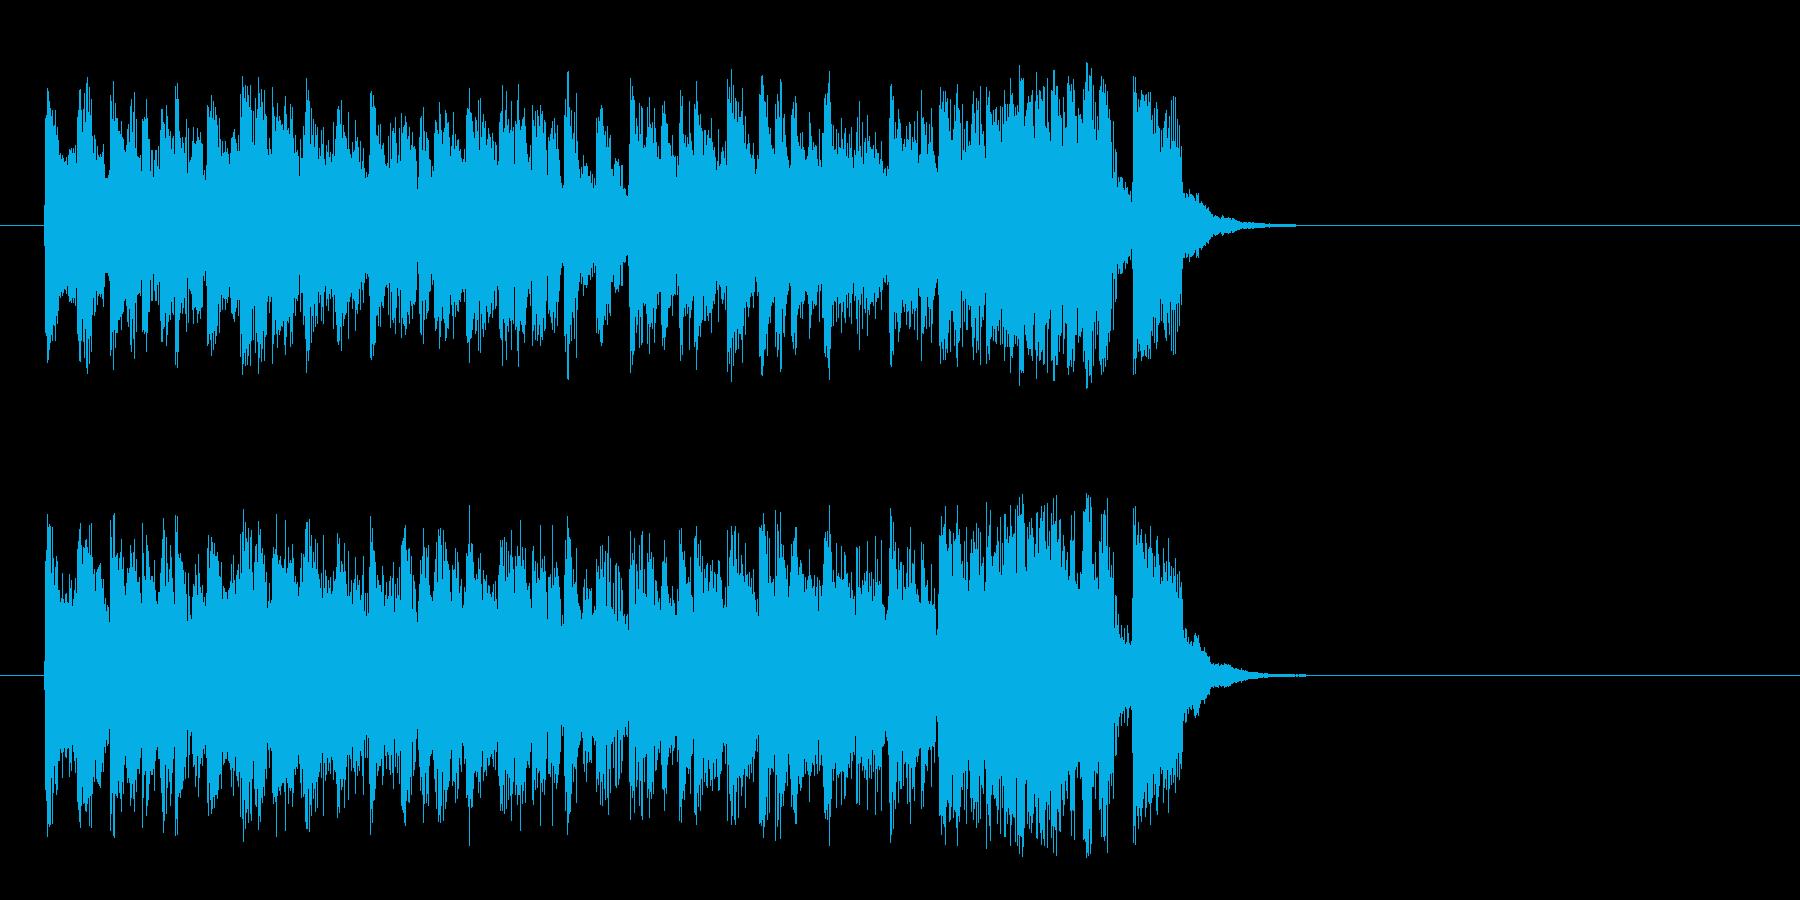 ハツラツな8ビートポップ(サビ)の再生済みの波形